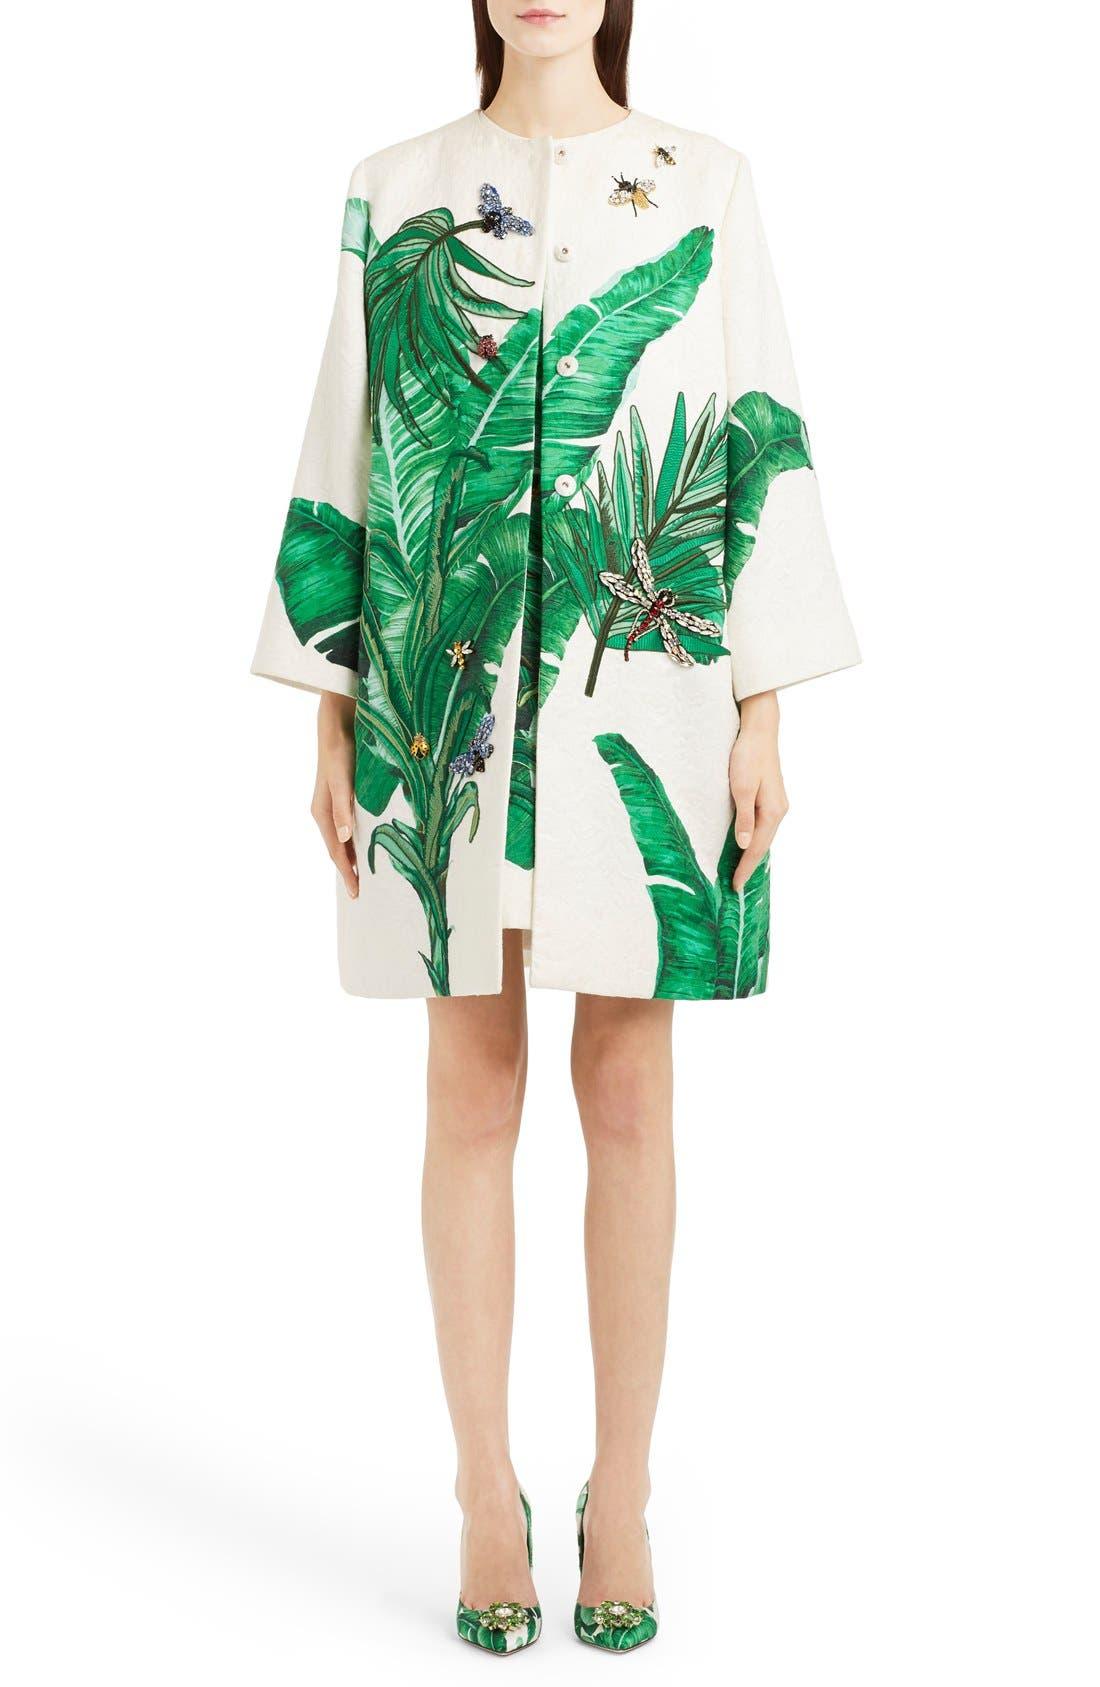 Crystal Embellished Banana Leaf Print Brocade Topper,                         Main,                         color, Green/White